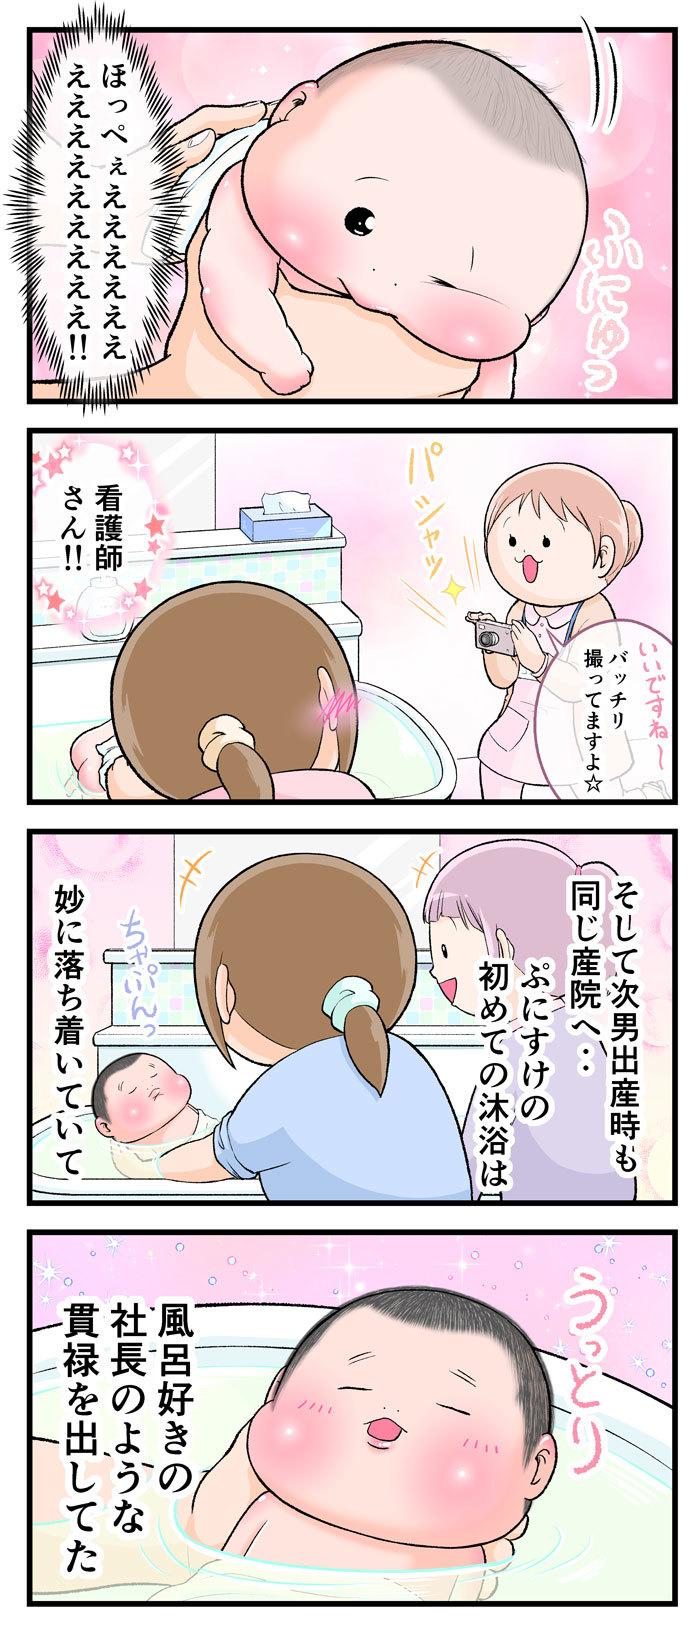 生後3日目。「赤ちゃん最高!」な瞬間が…沐浴時にきたー!!の画像4